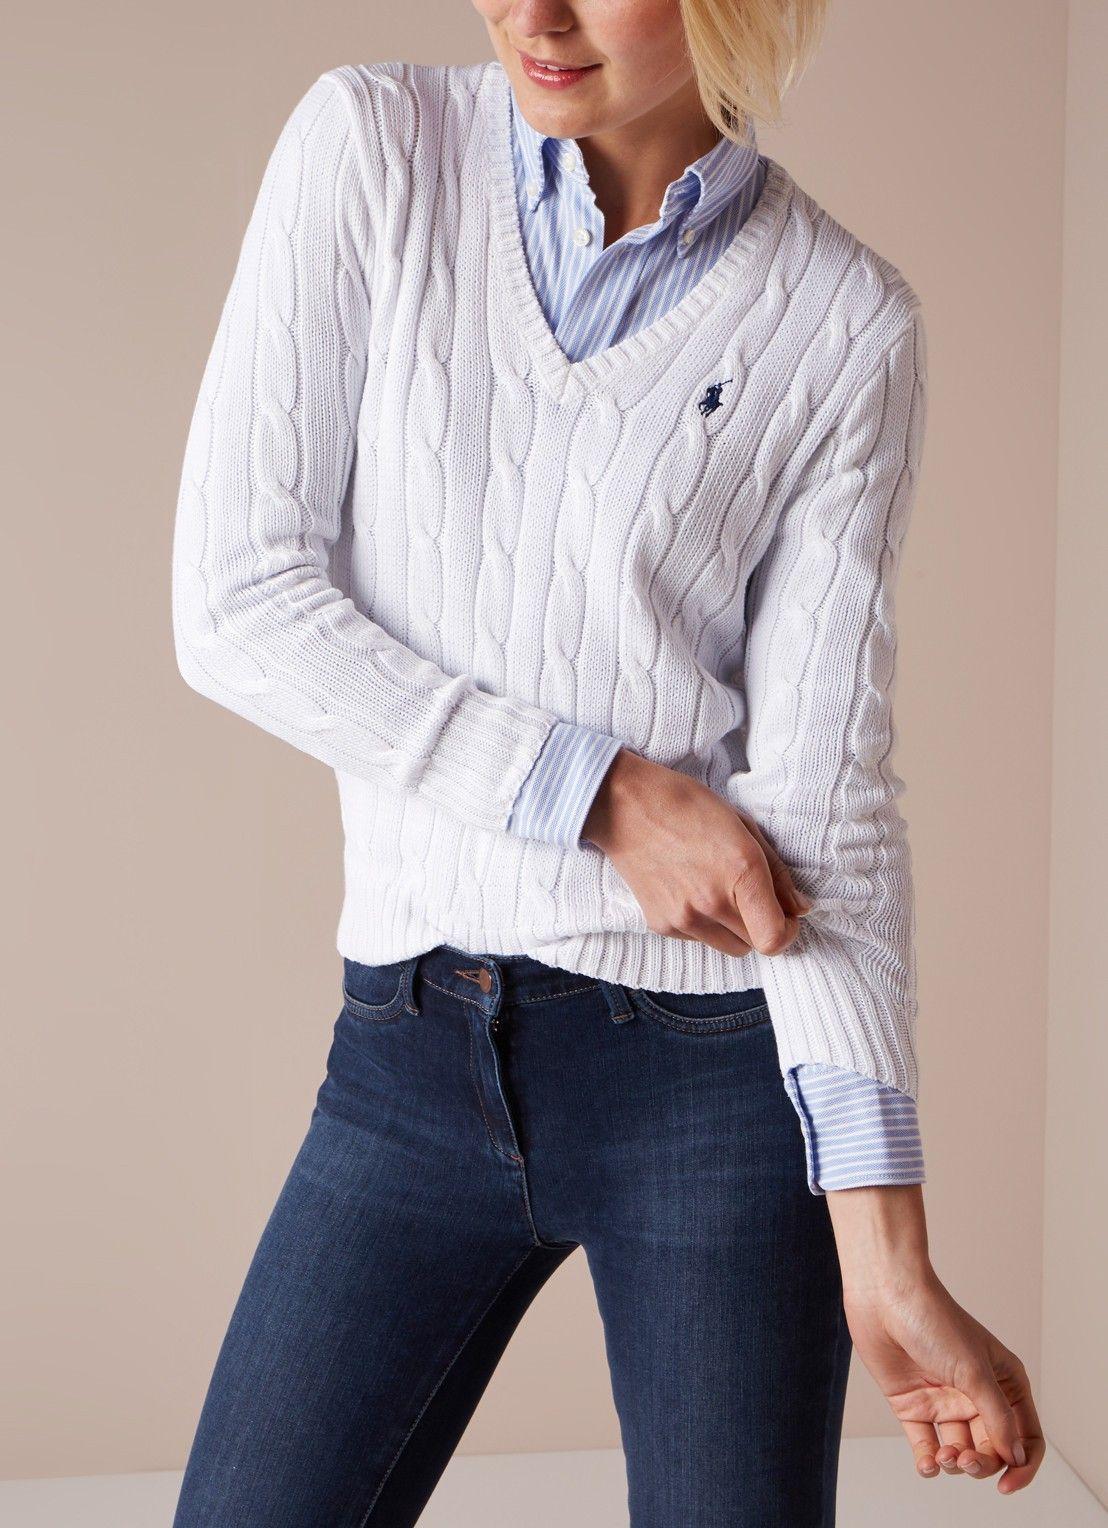 Ralph Lauren Classic kabelgebreide pullover met V-hals • Wit • de Bijenkorf